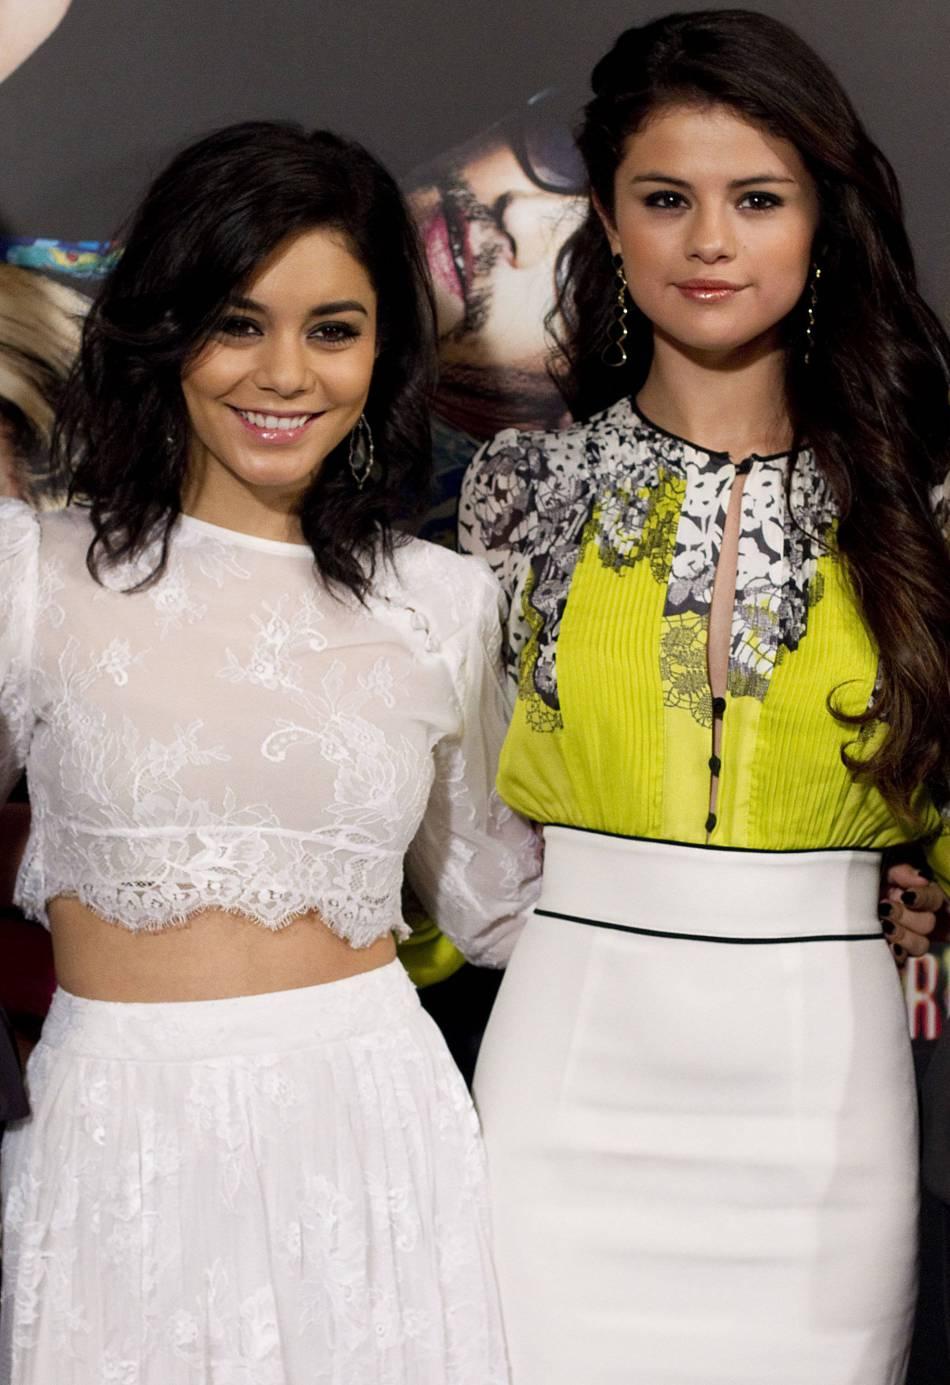 Selena Gomez et Vanessa Hudgens : stars de Disney un jour, stars de Disney toujours, les deux meilleurs amies se sont rencontrées alors qu'elles étaient adolescentes.